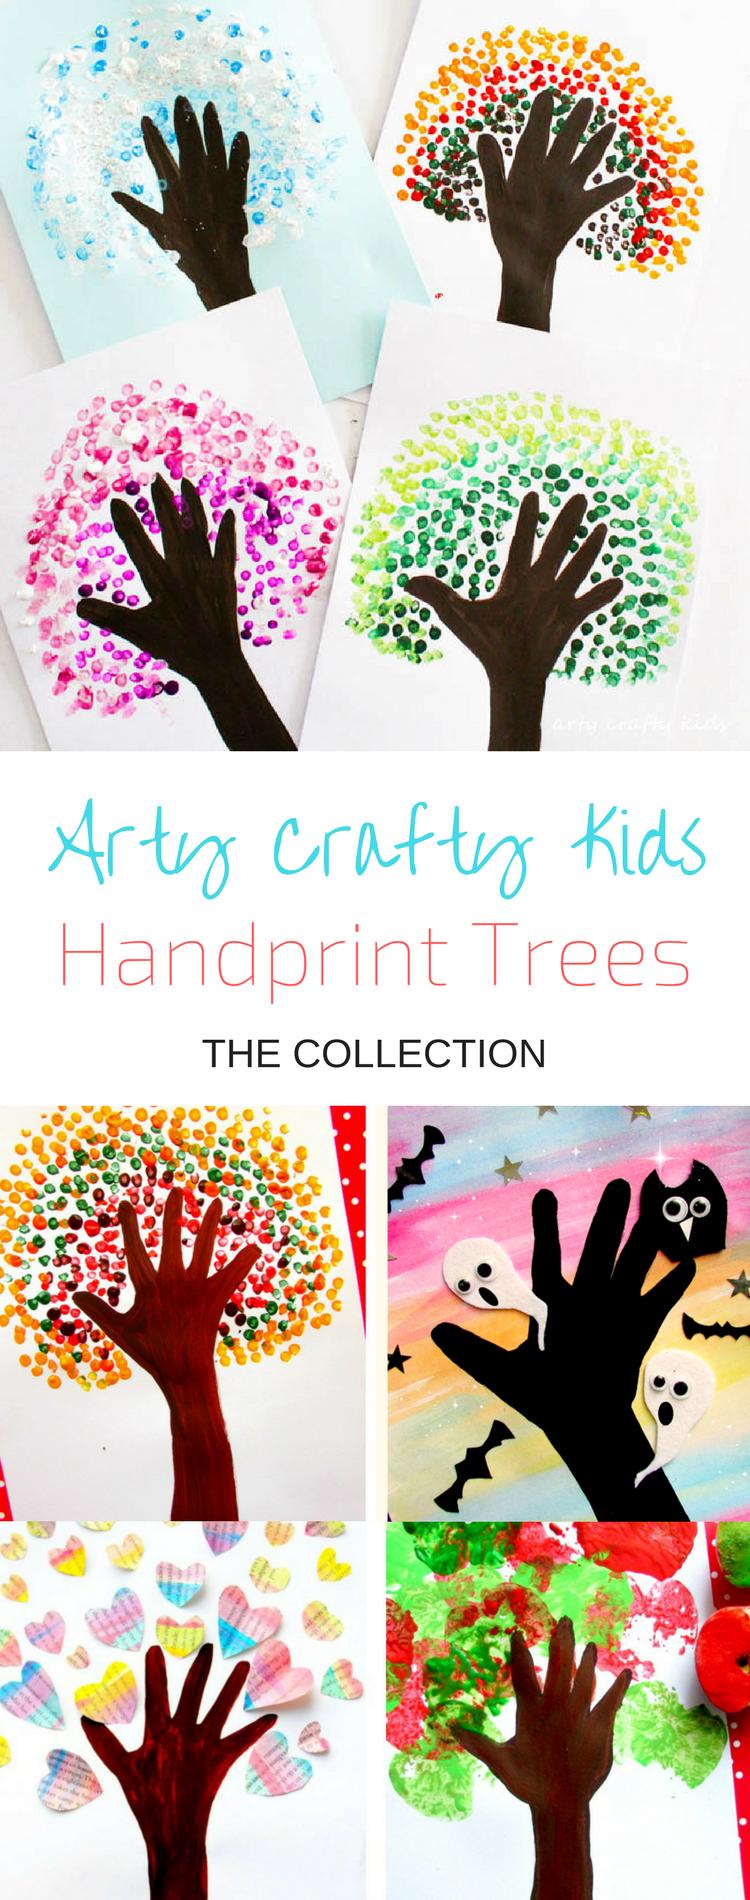 基于我们流行的秋季手印树,我们现在有一个完整的四季手印树贴 - 一个有趣的艺术项目,供孩子们观察季节。